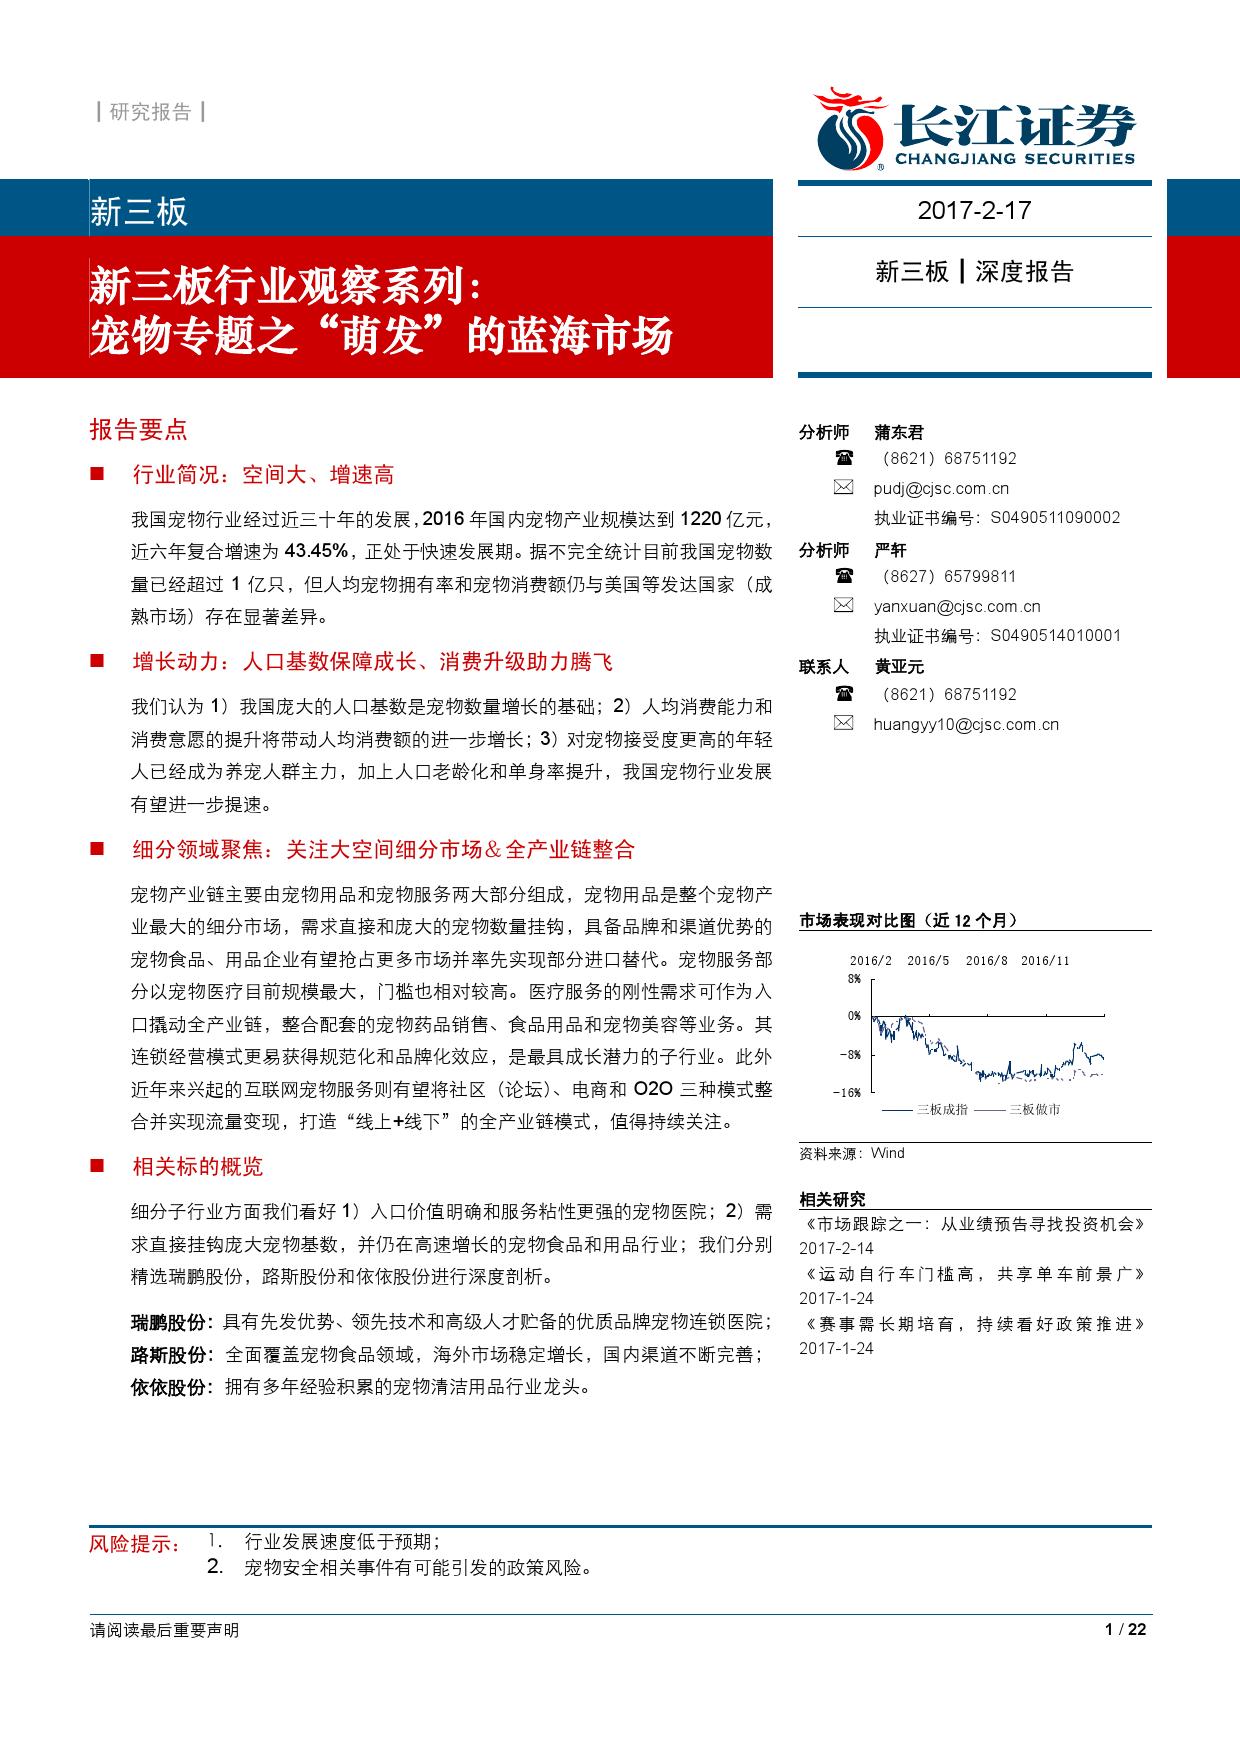 """长江证券:宠物专题之""""萌发""""的蓝海市场(附下载)"""